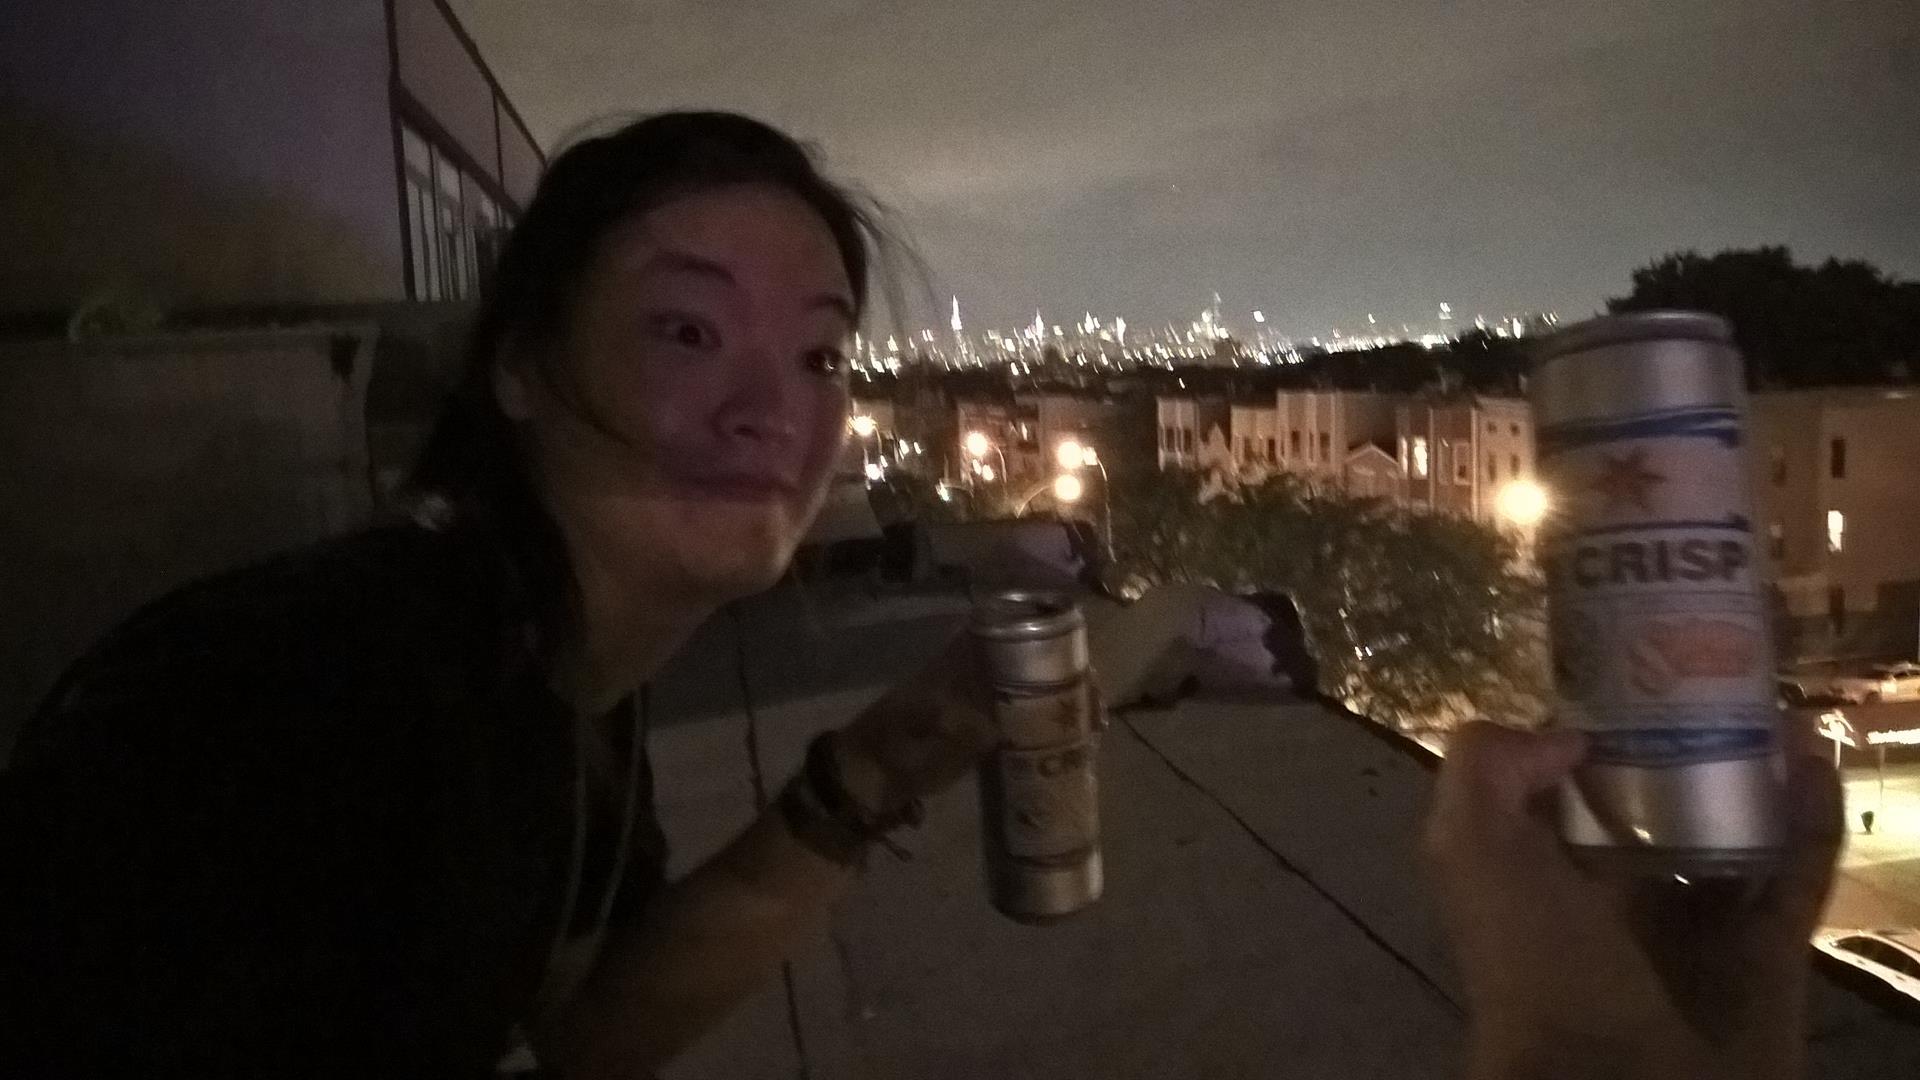 Bier auf dem Dach und das beleuchtete Manhatten im Hintergrund